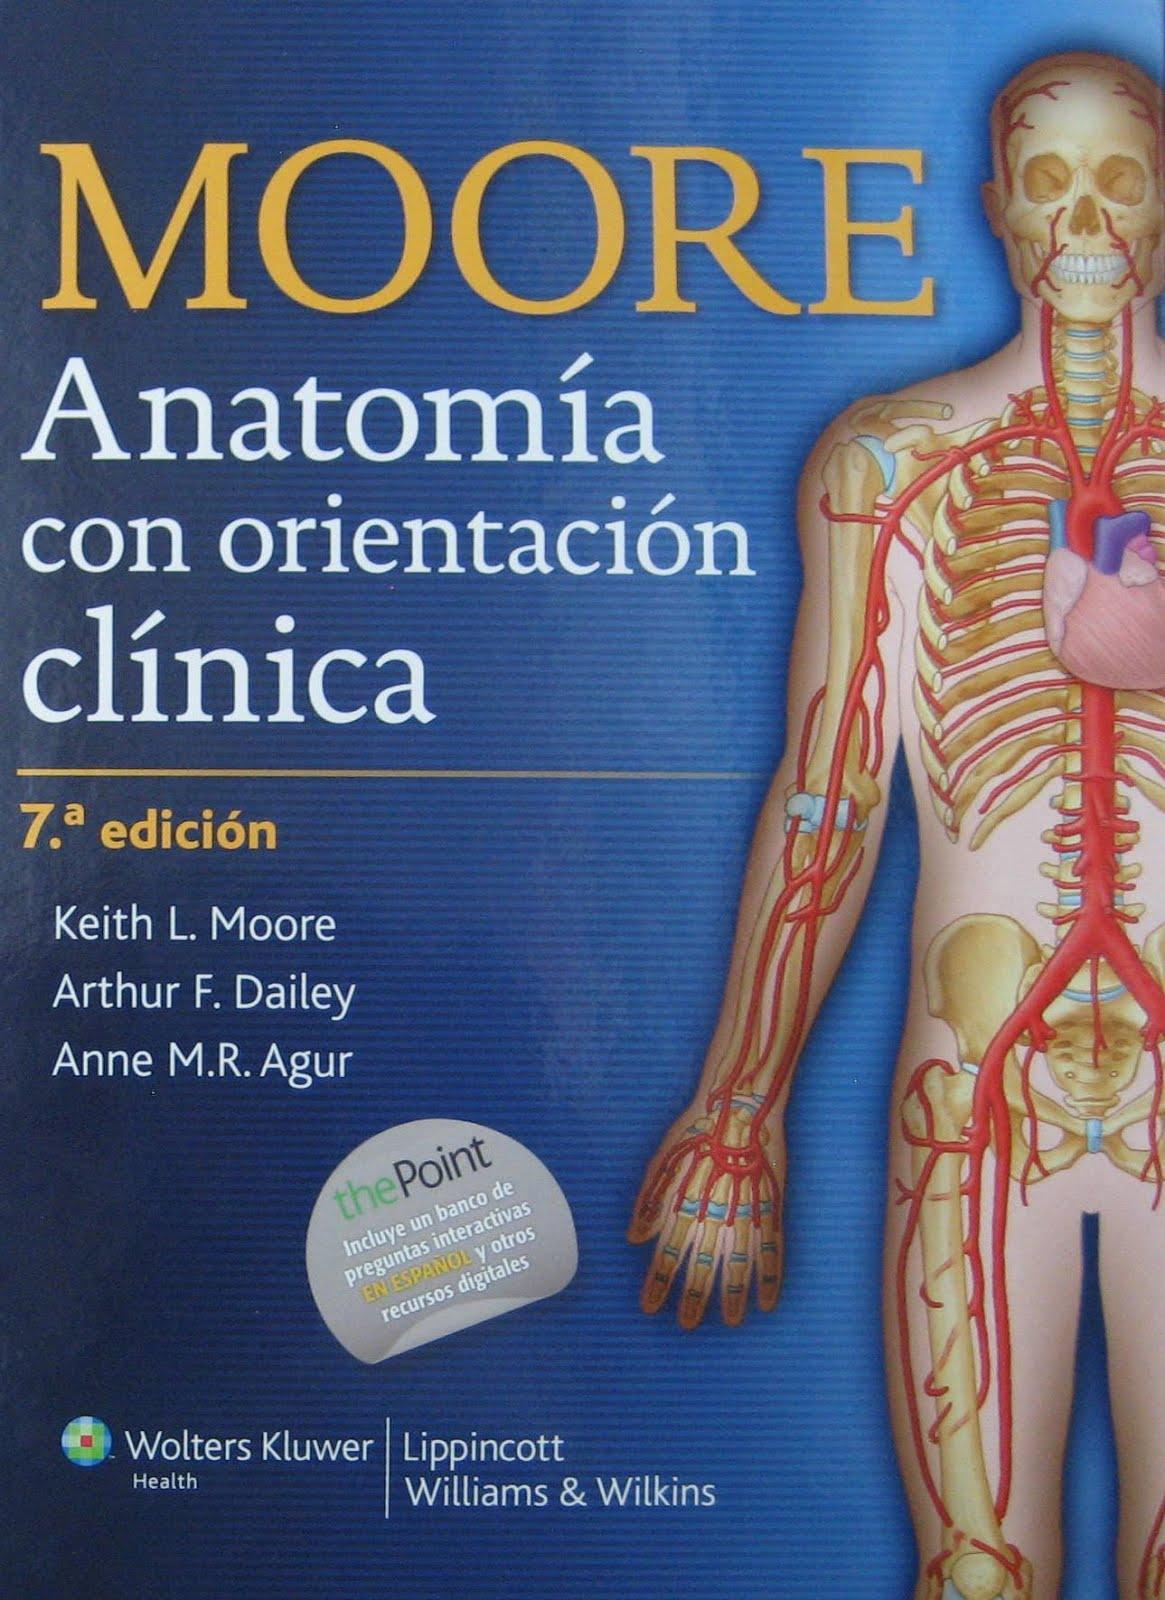 Libros de Medicina y Ciencias de la Salud Gratis: septiembre 2017